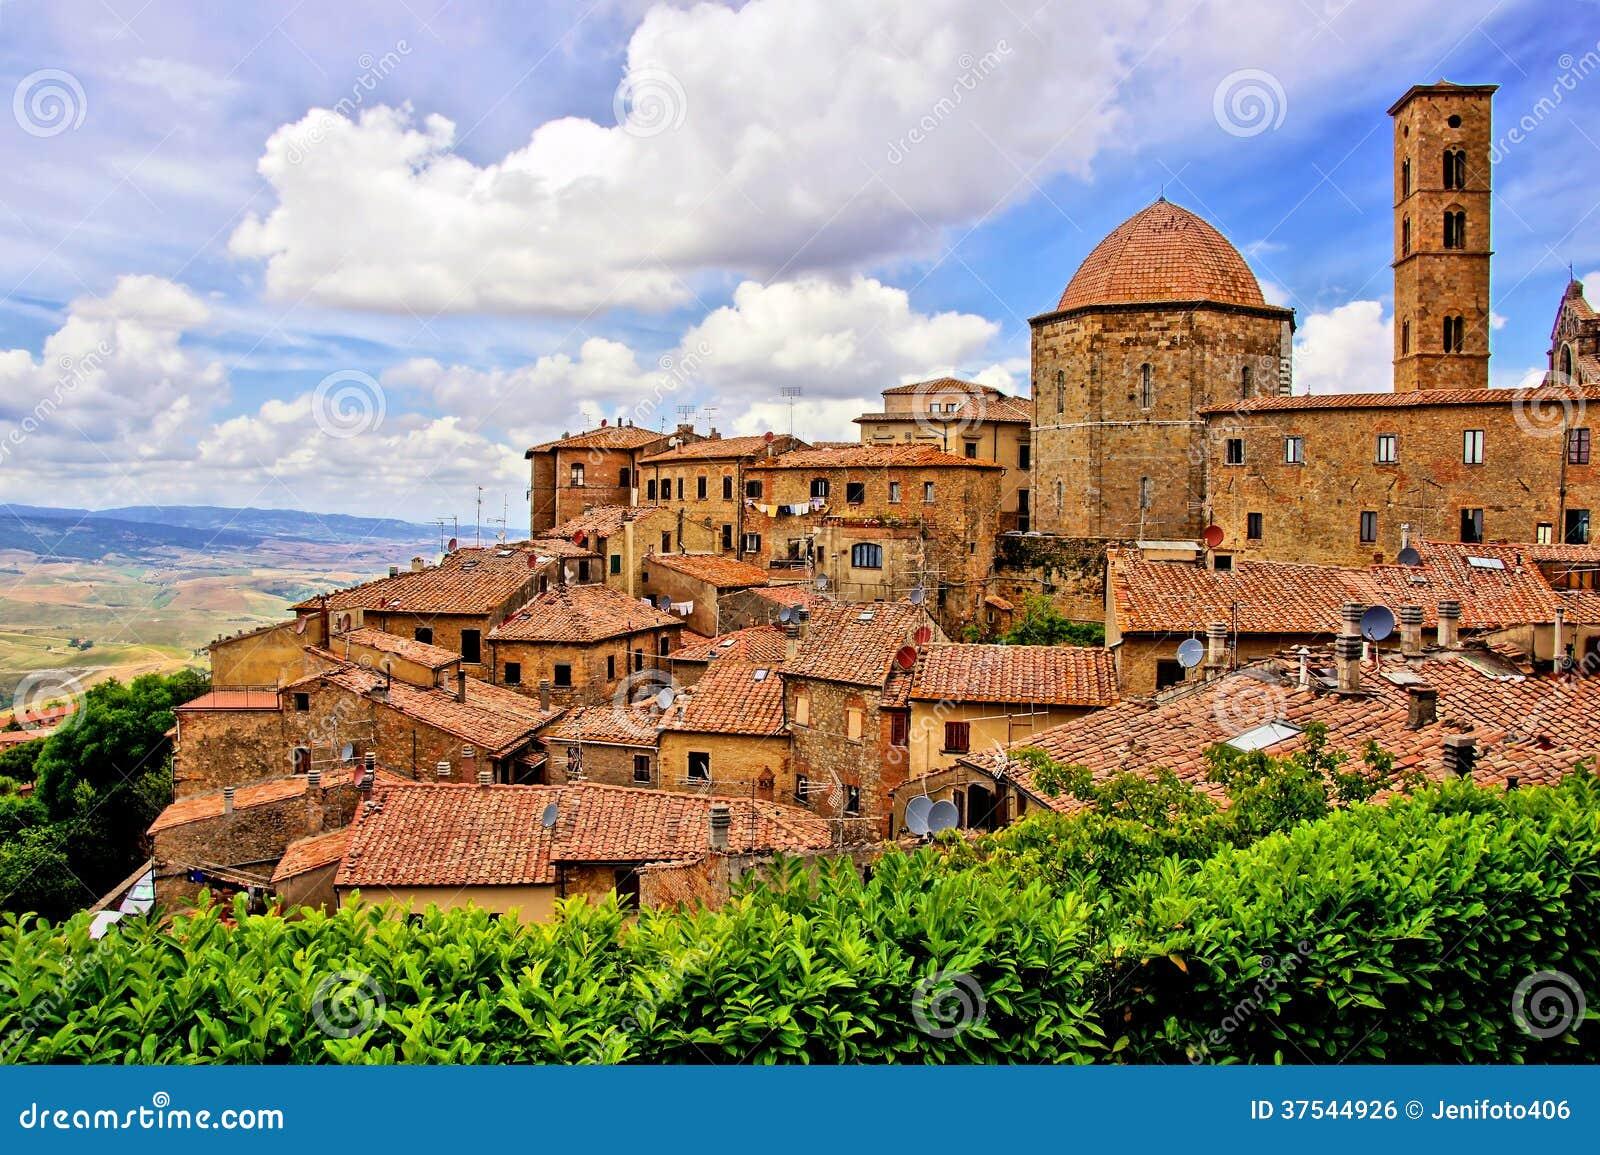 在沃尔泰拉,托斯卡纳,意大利中世纪重量镇的小山.威霆看法房车图片